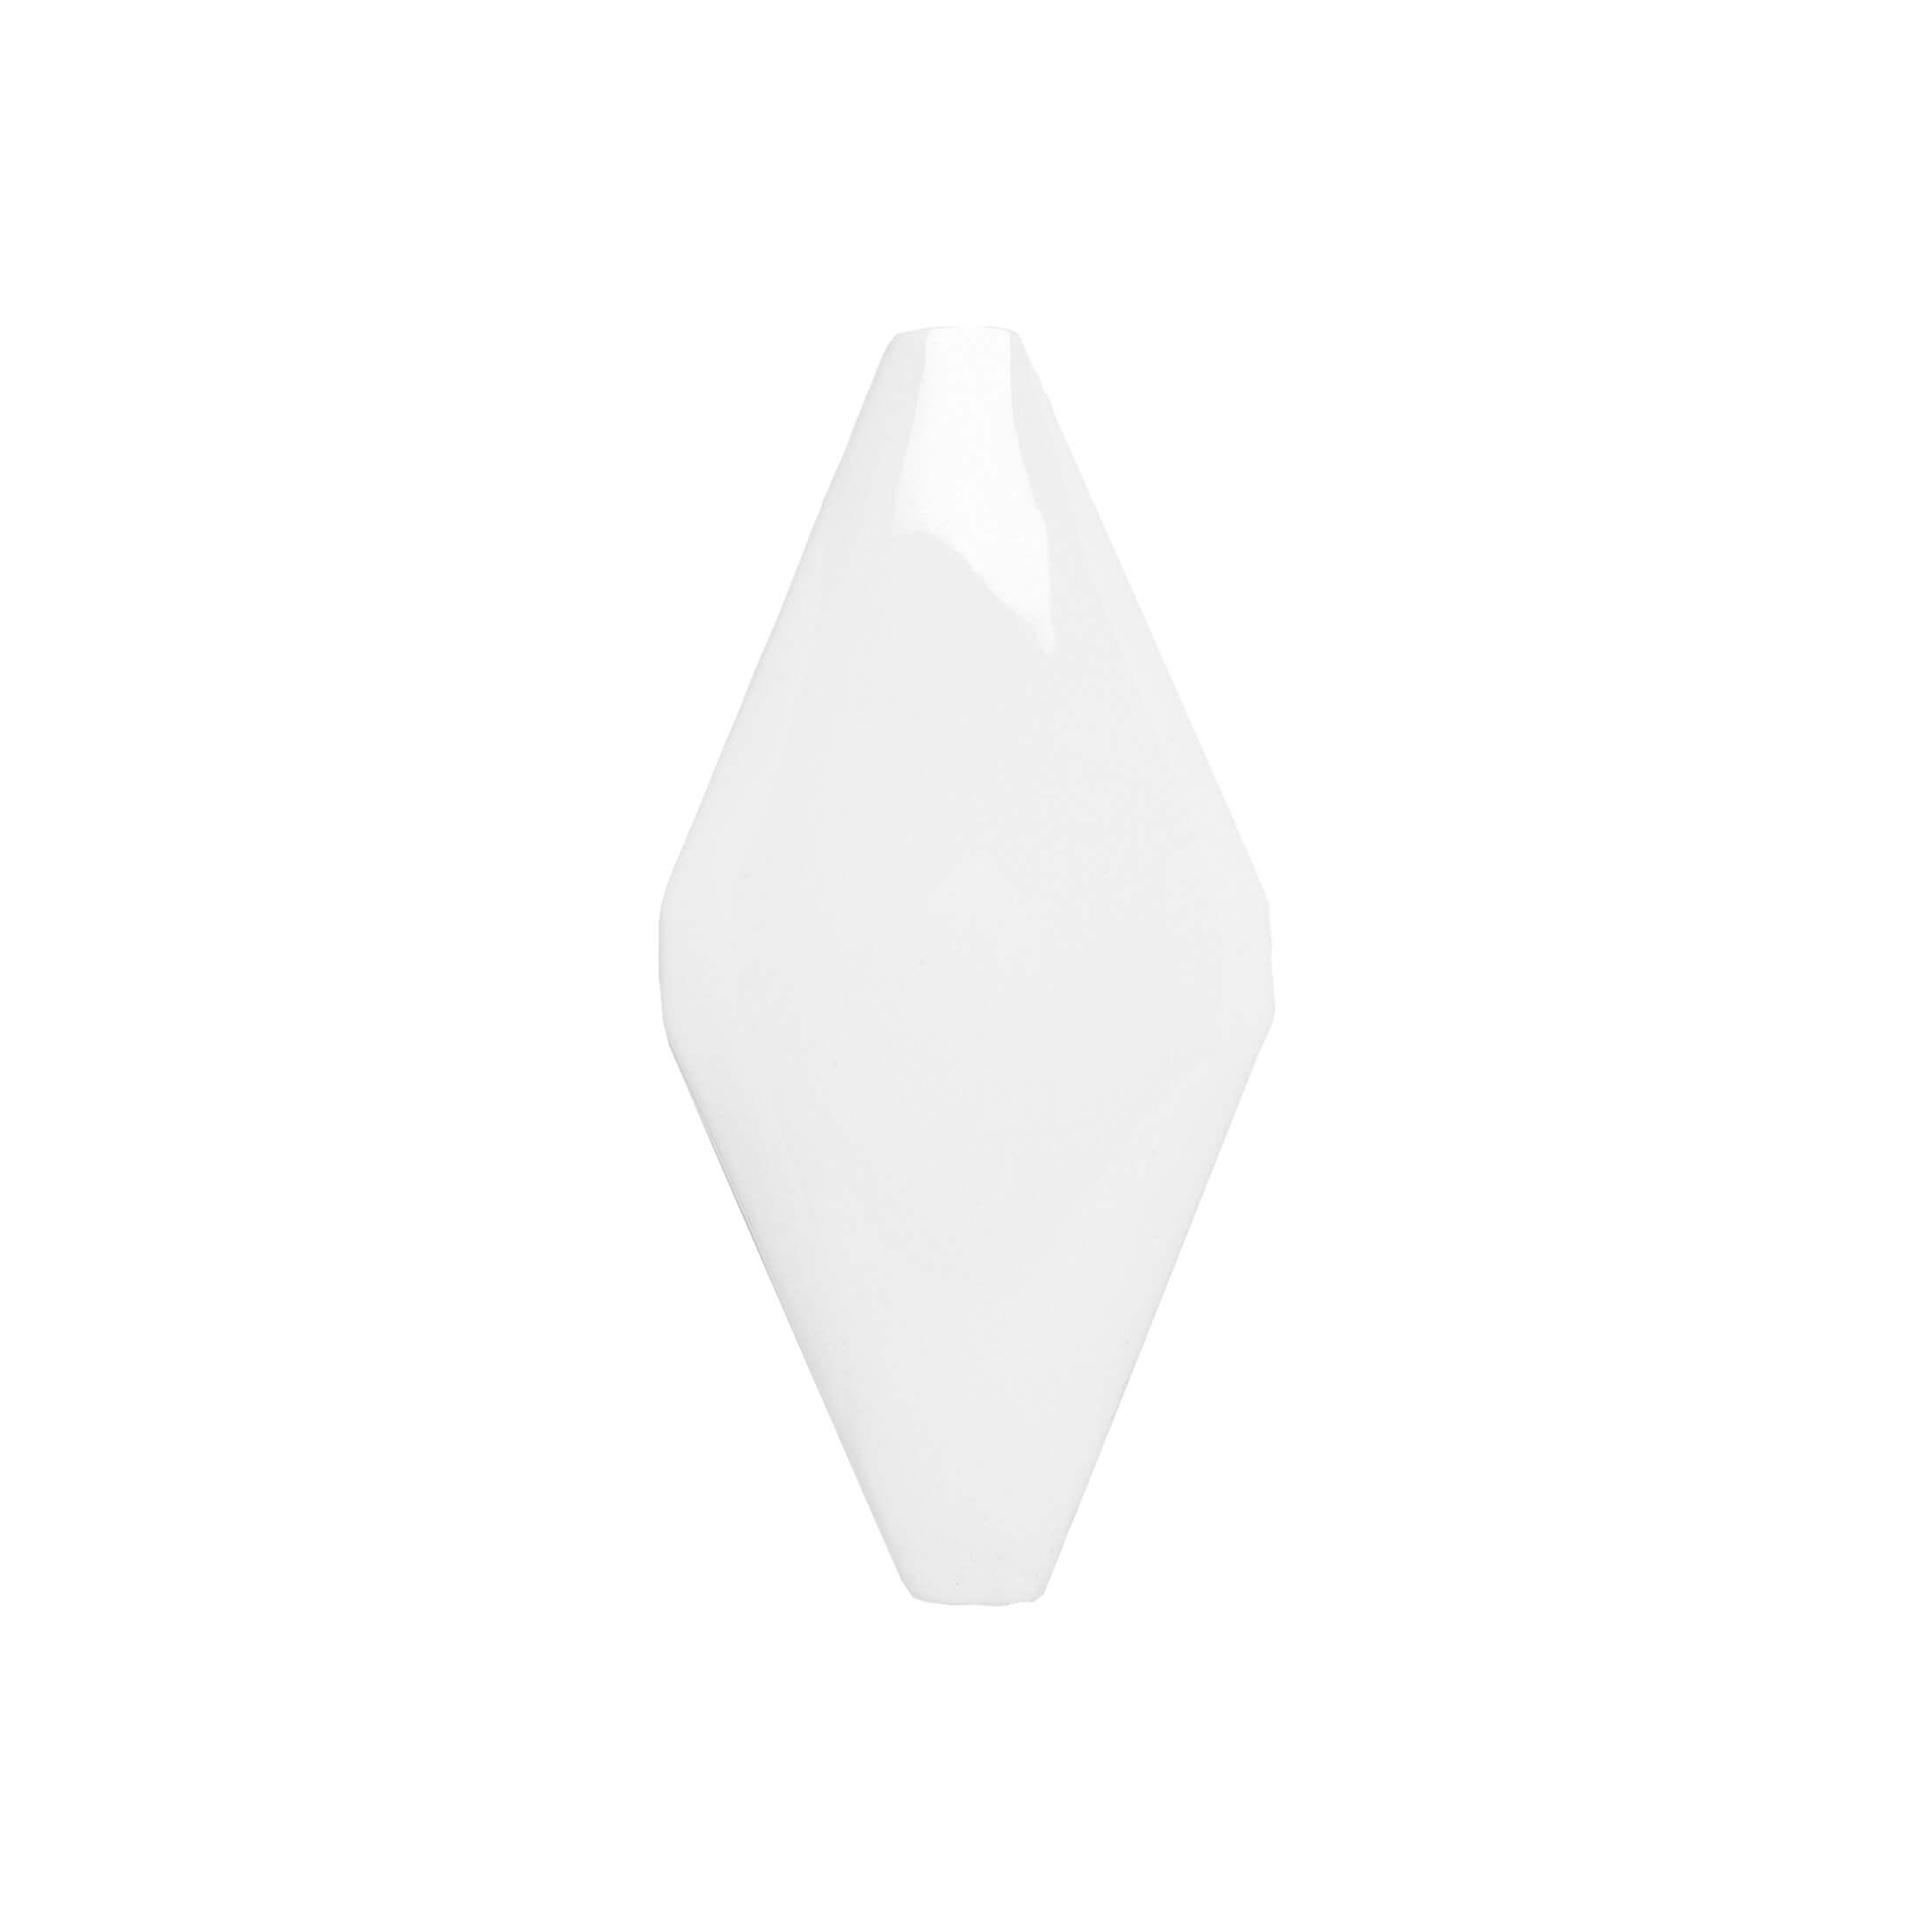 ADNE8006 - ROMBO ACOLCHADO BLANCO Z - 10 cm X 20 cm